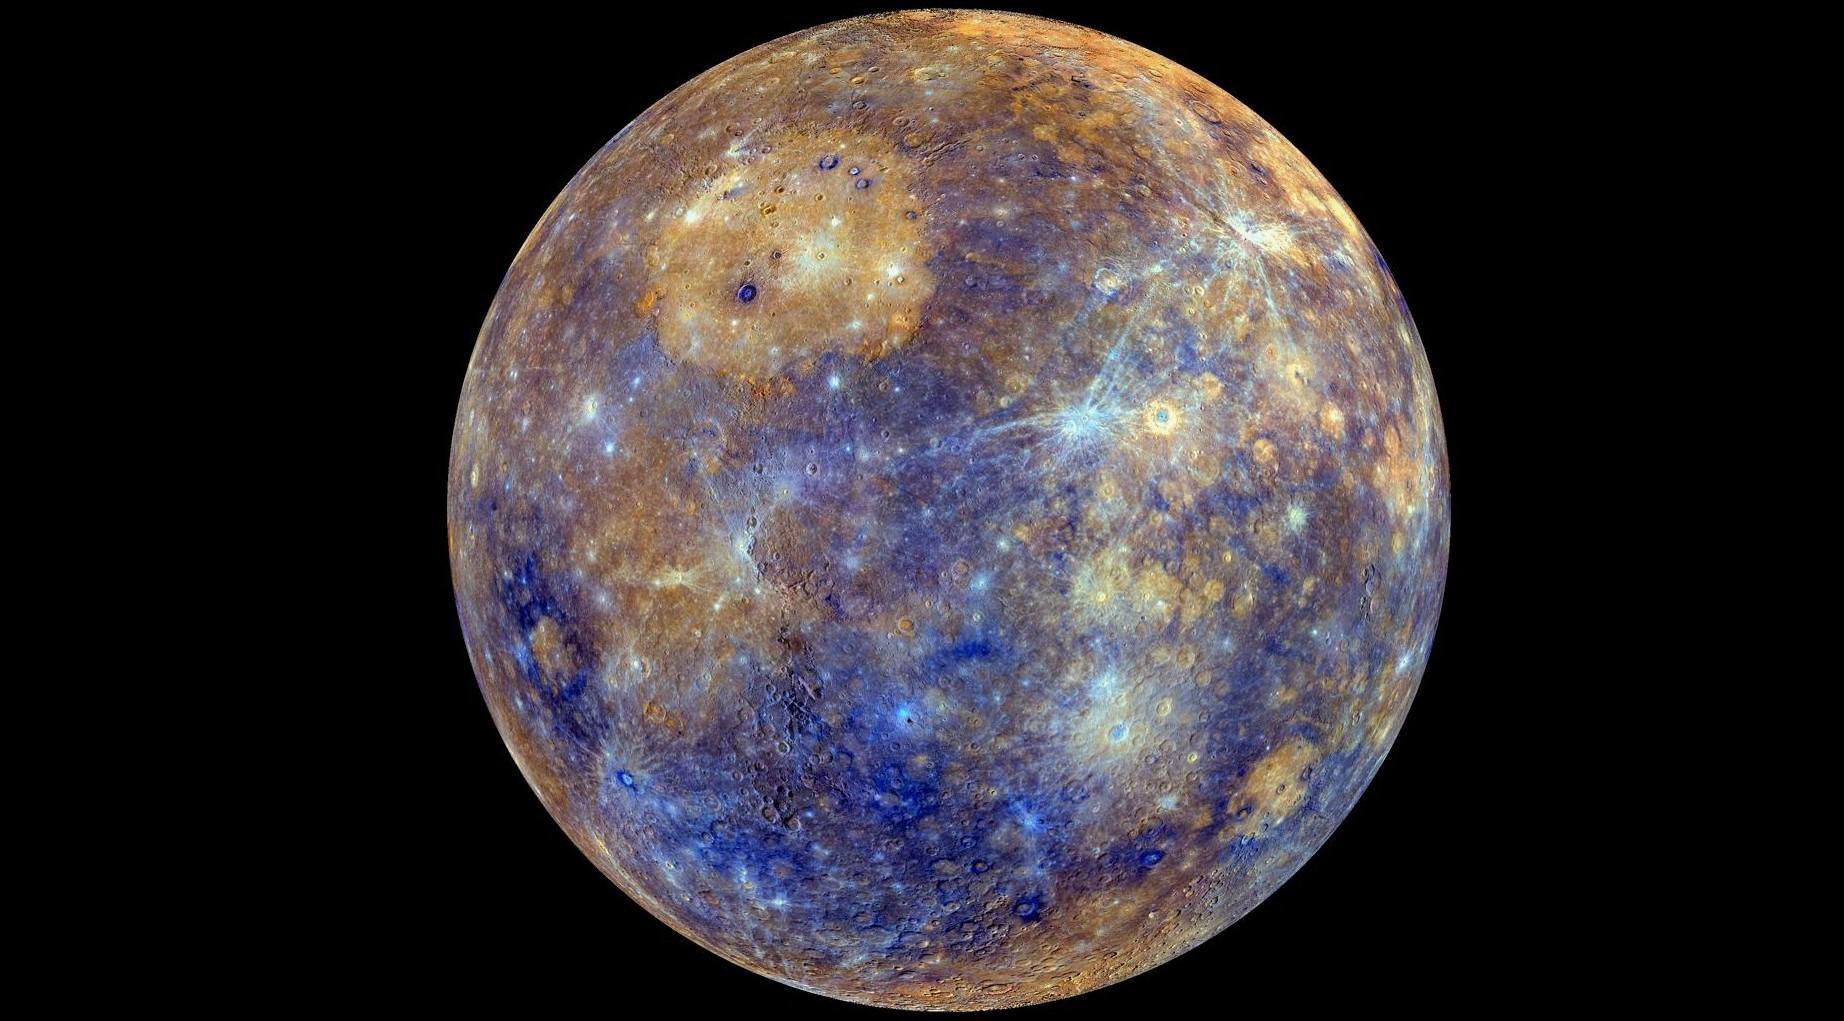 Меркурий - описание, орбита, поверхность, атмосфера, исследование, фото и видео